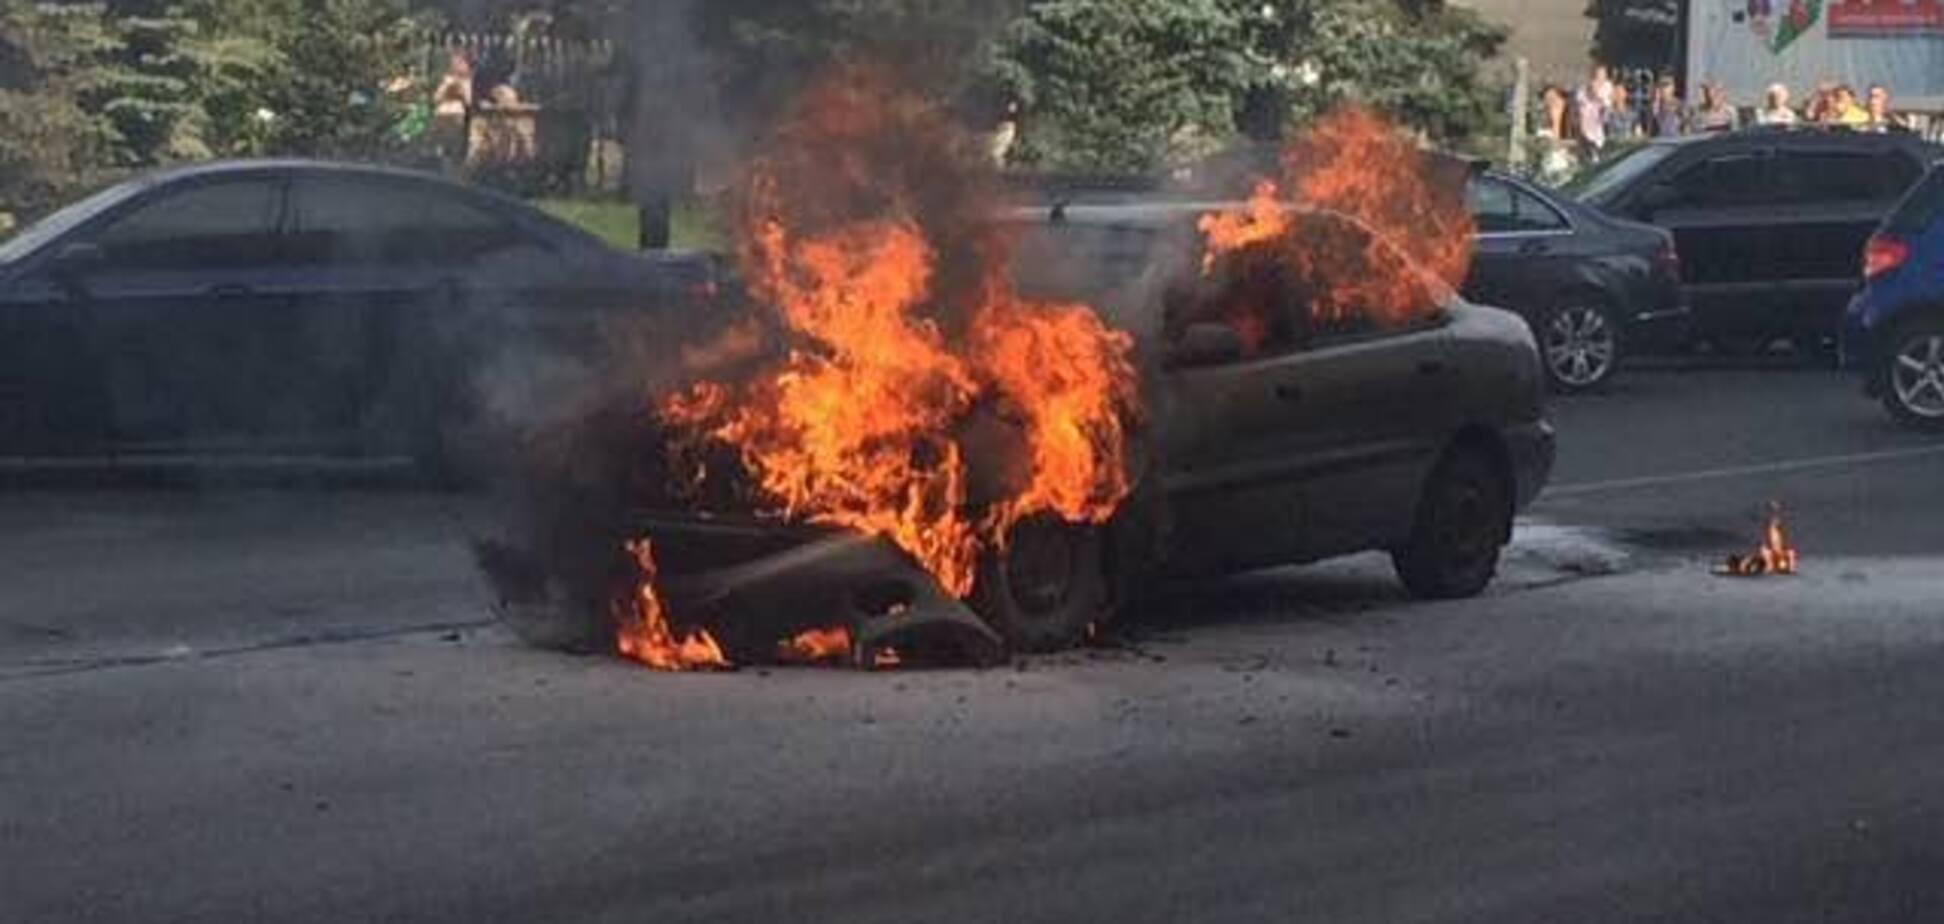 В Харькове на ходу загорелся автомобиль: видео с места ЧП